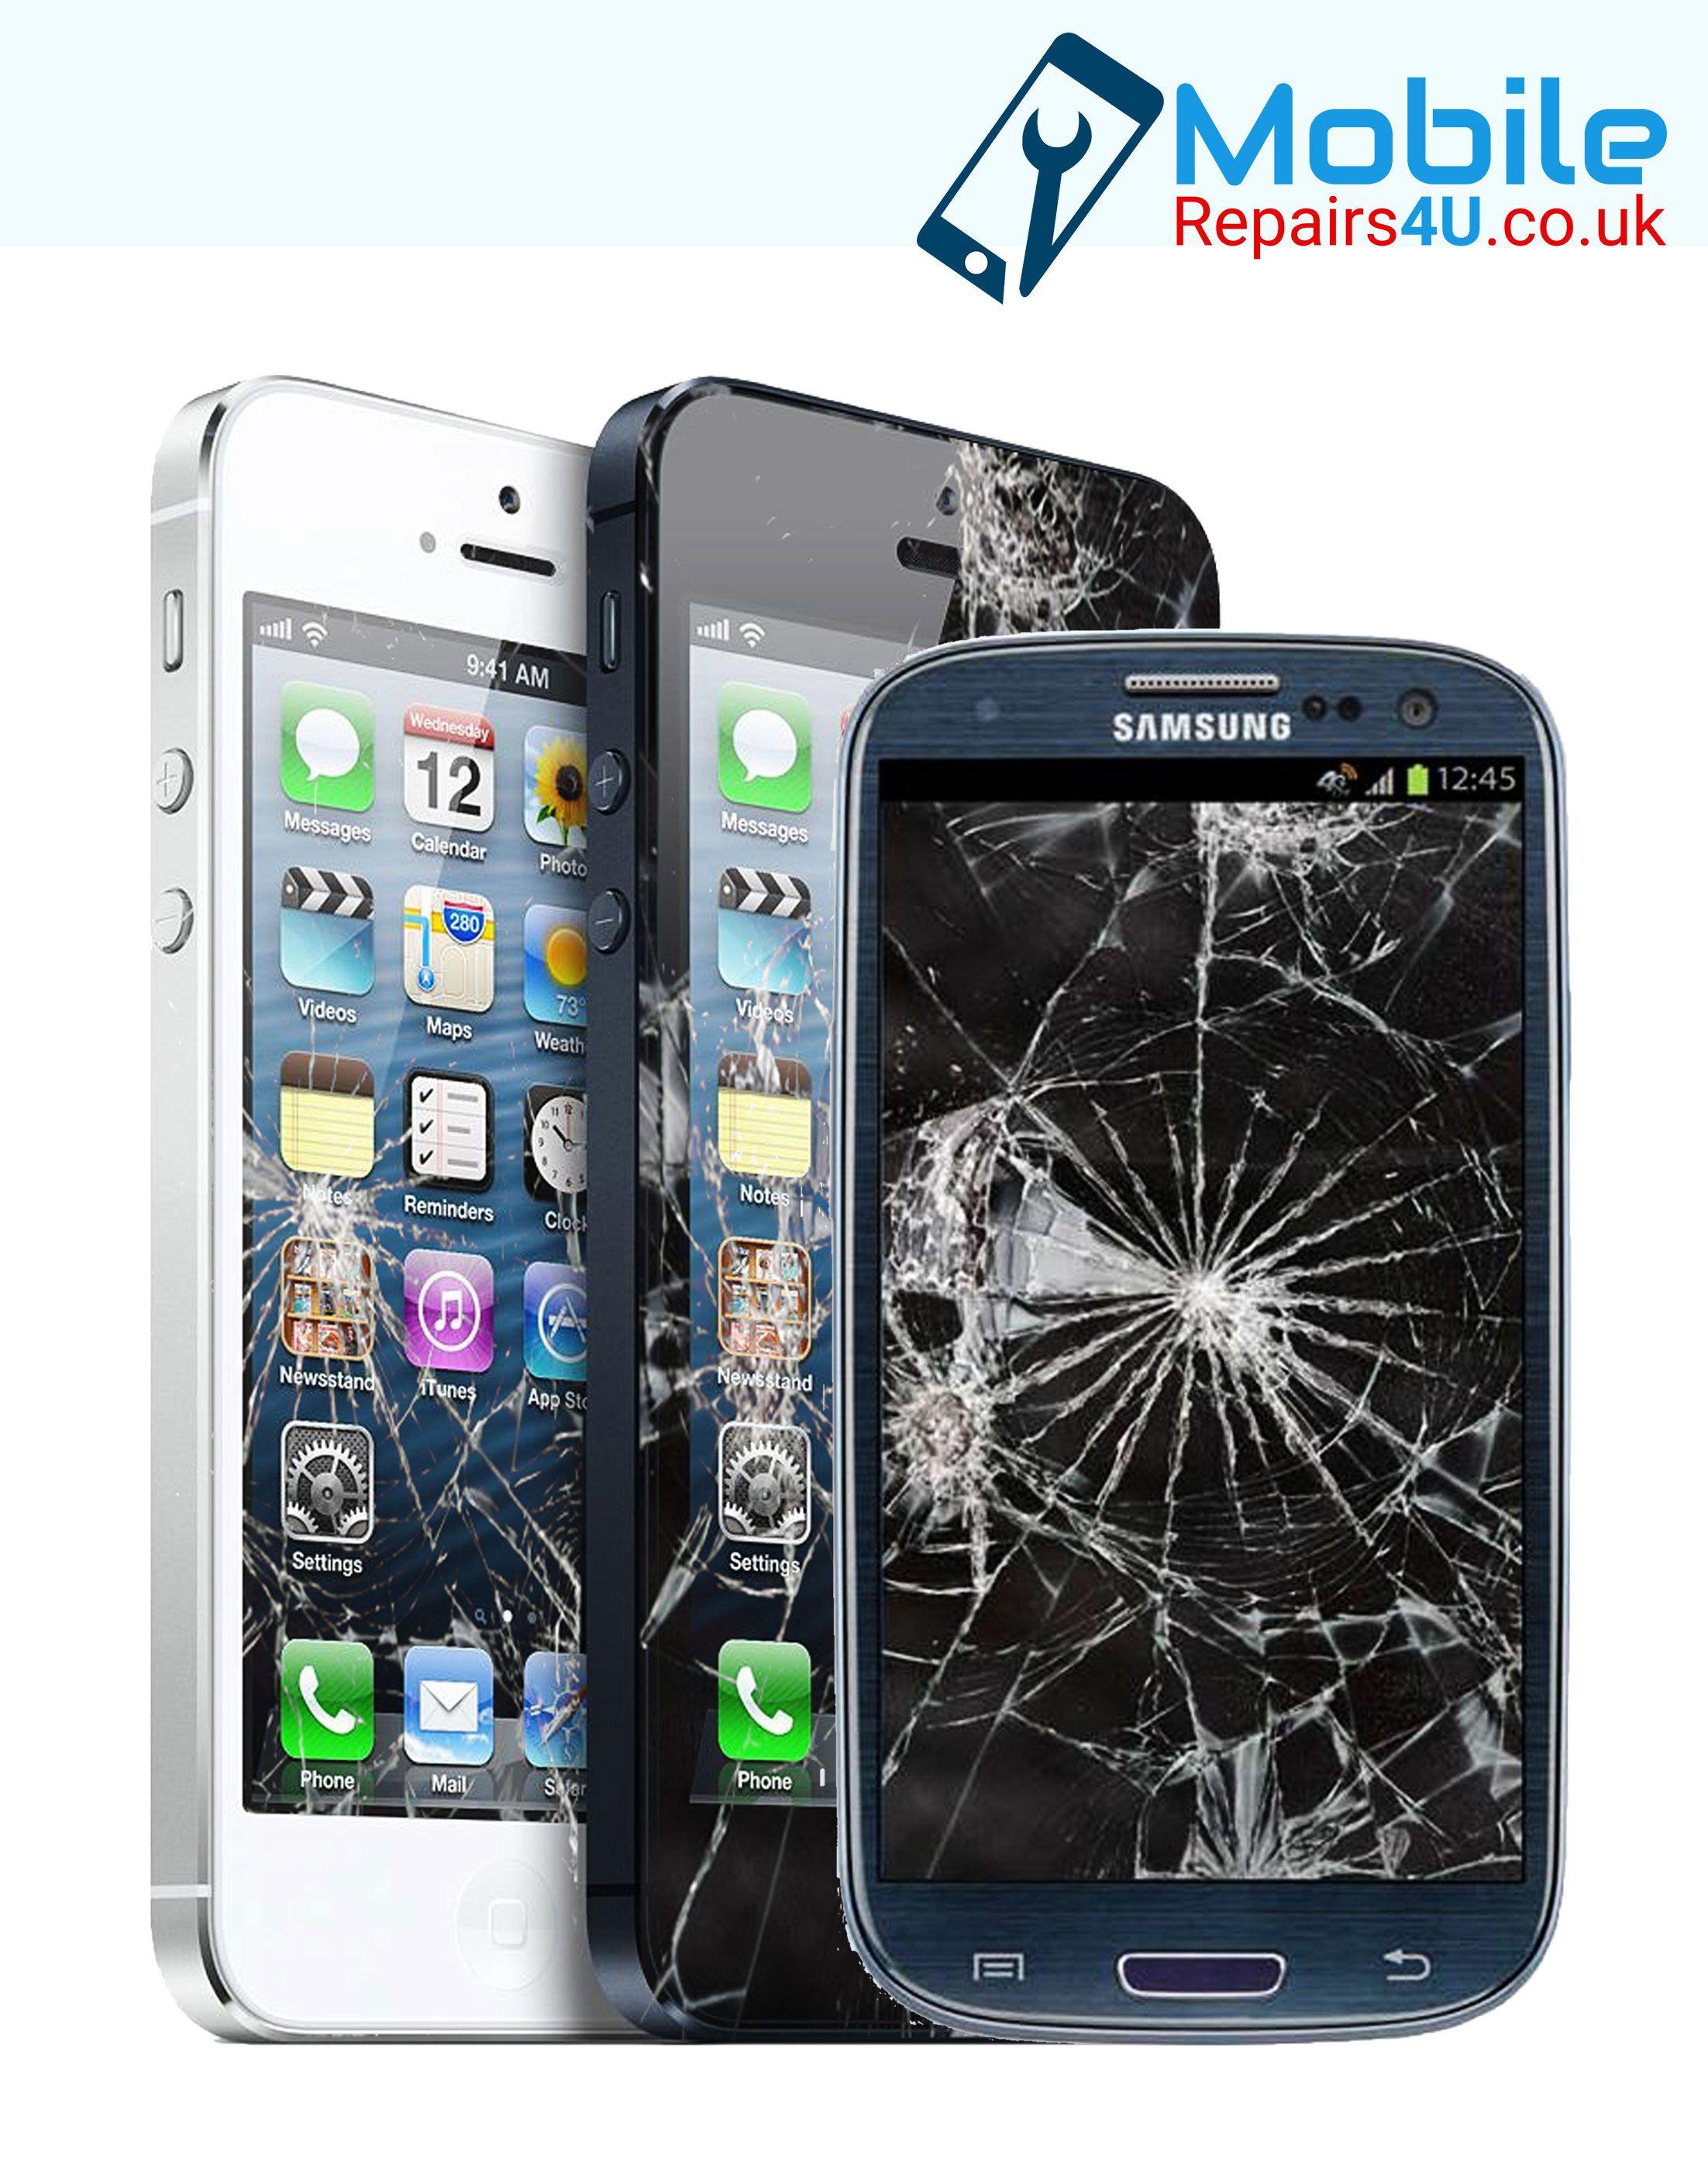 Best Mobile Repairs services here at #MobileRepairs4U! #MR4U #UK